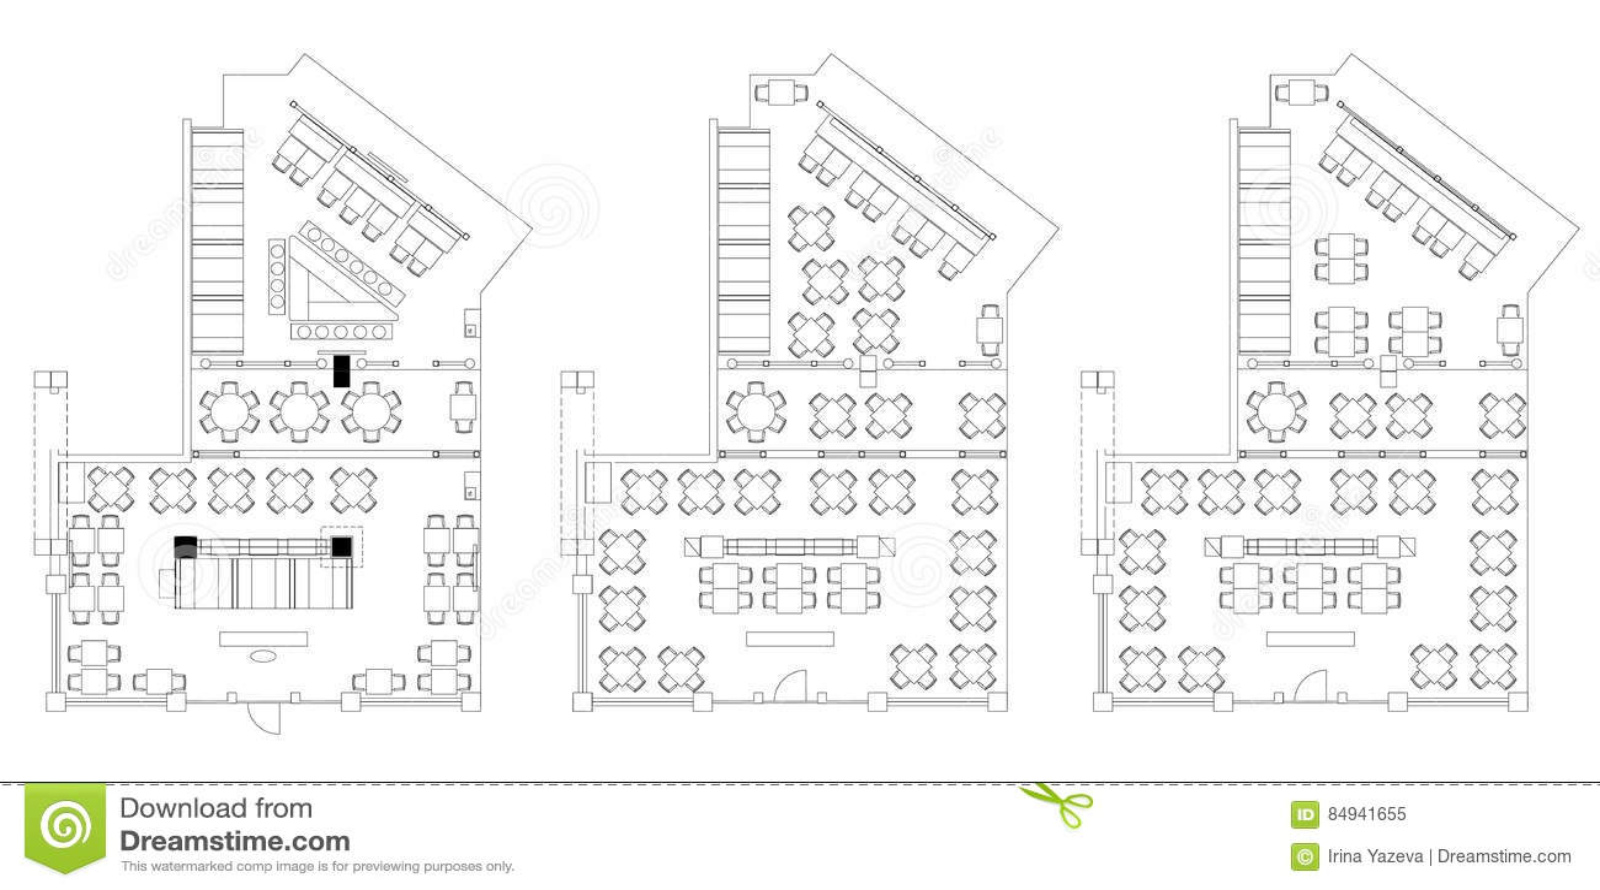 Standard Cafe Furniture Symbols On Floor Plans Stock